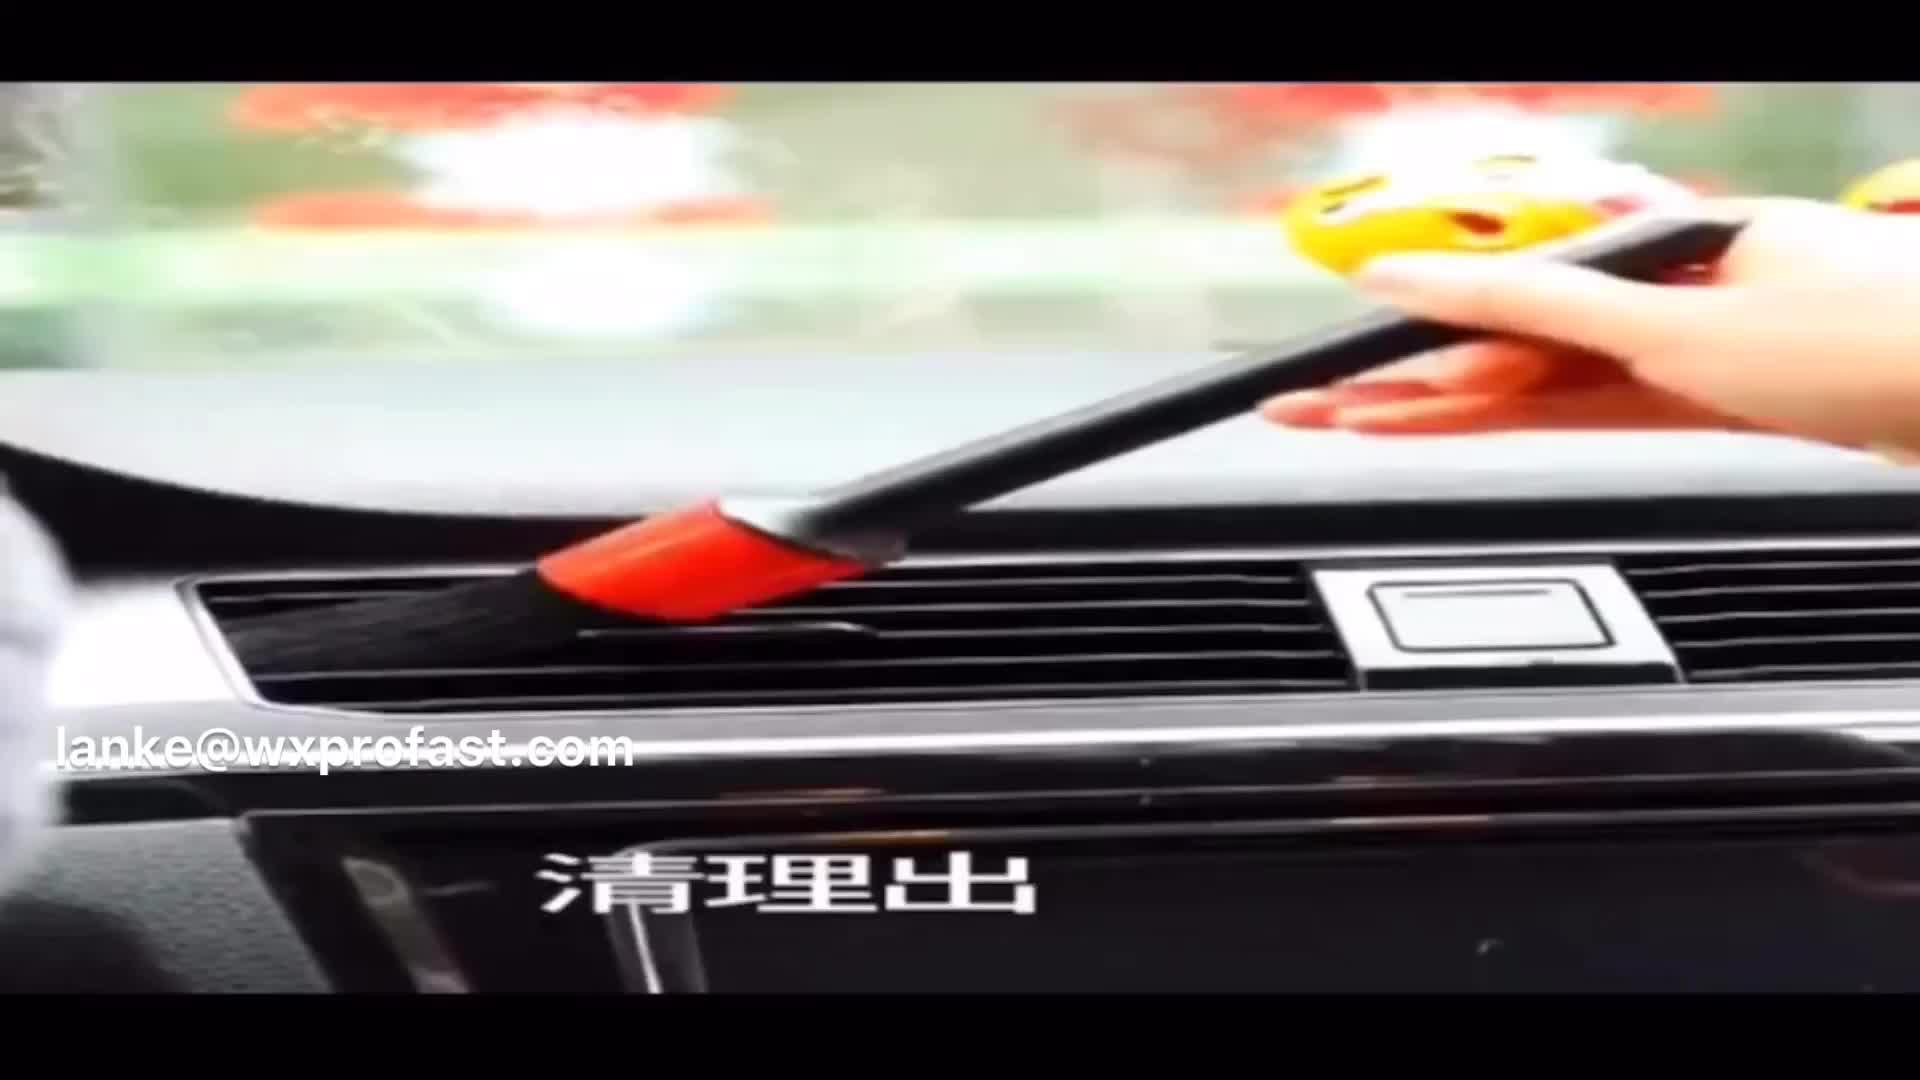 Auto Innen Reinigung Ausrüstung Detaillierung Produkte Gelb Natürliche Wildschwein Haar Auto Detaillierung Pinsel